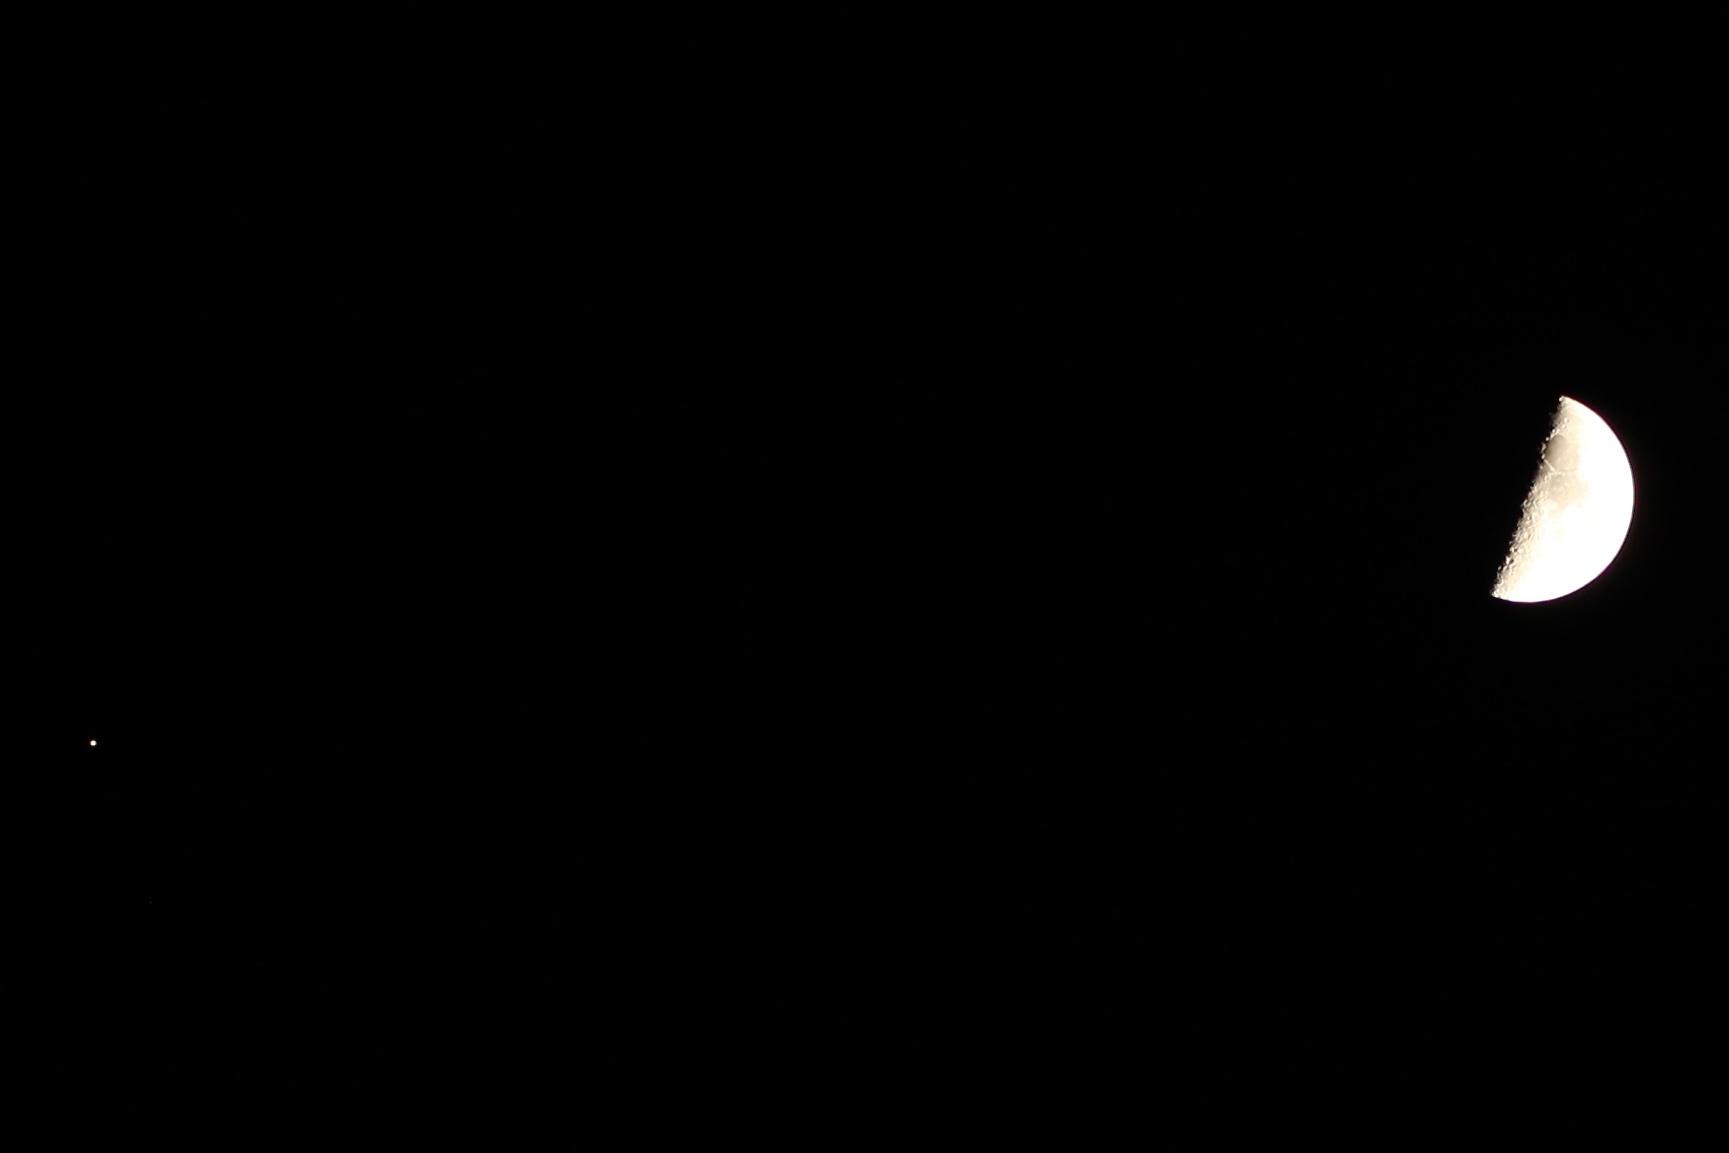 Moon-Jupiter 20190905 v2